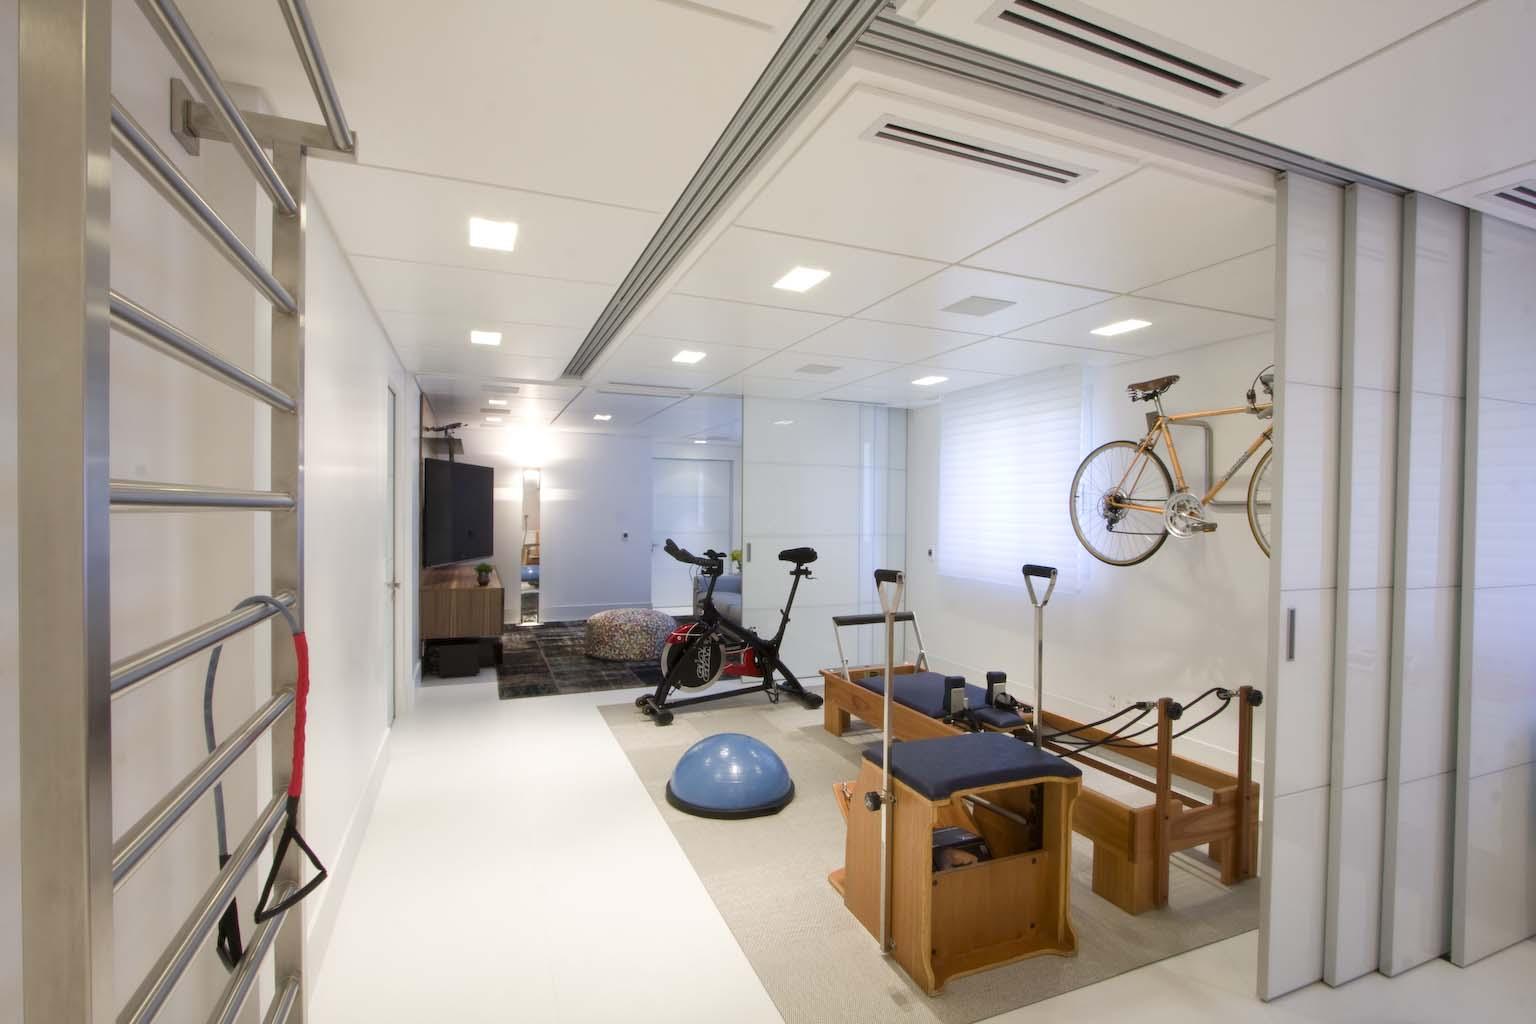 projetos mostram como fazer da bicicleta o foco principal da  #674323 1536 1024